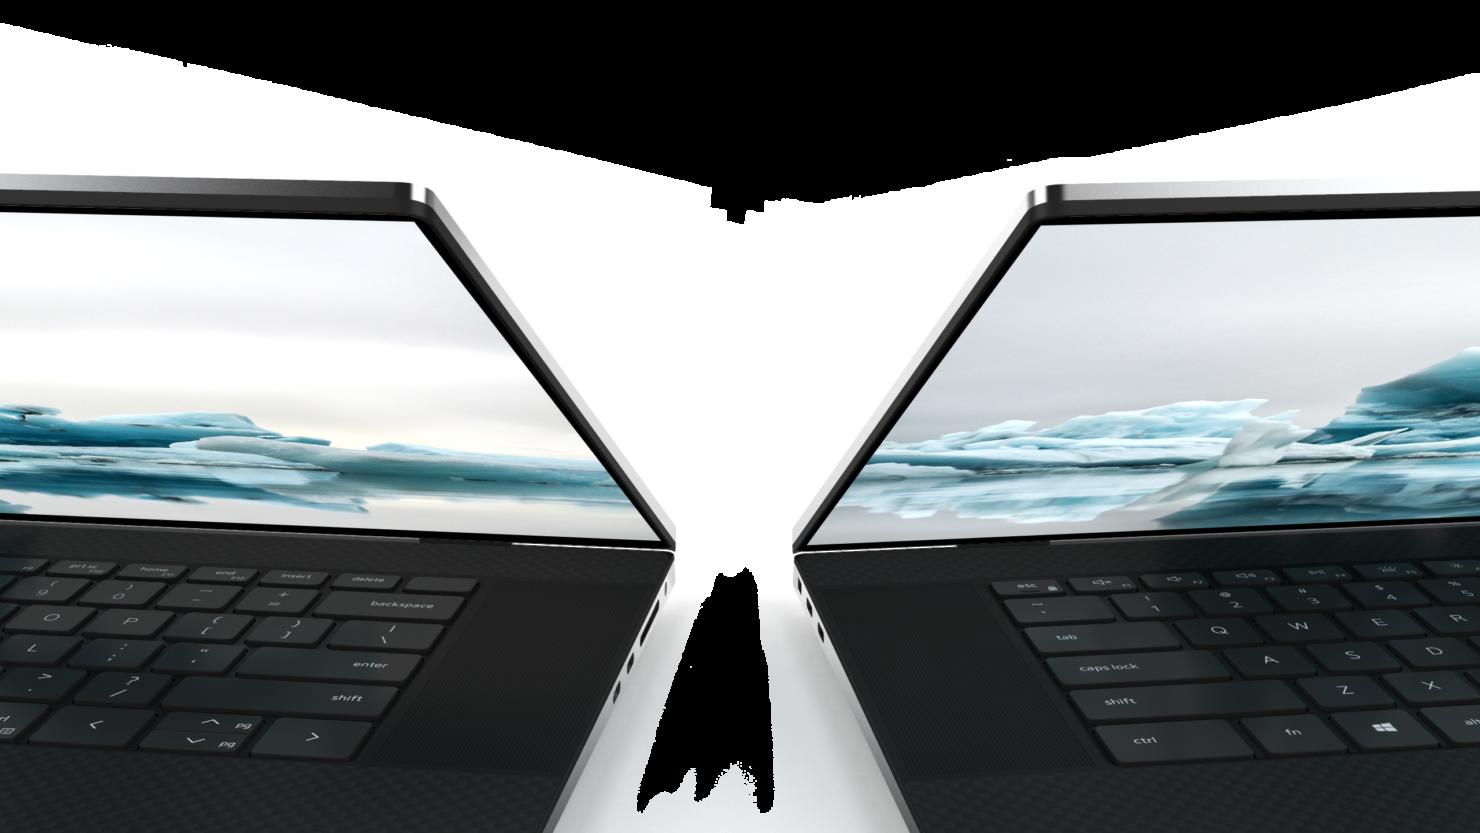 xps17_side_by_side_hinge-open-custom